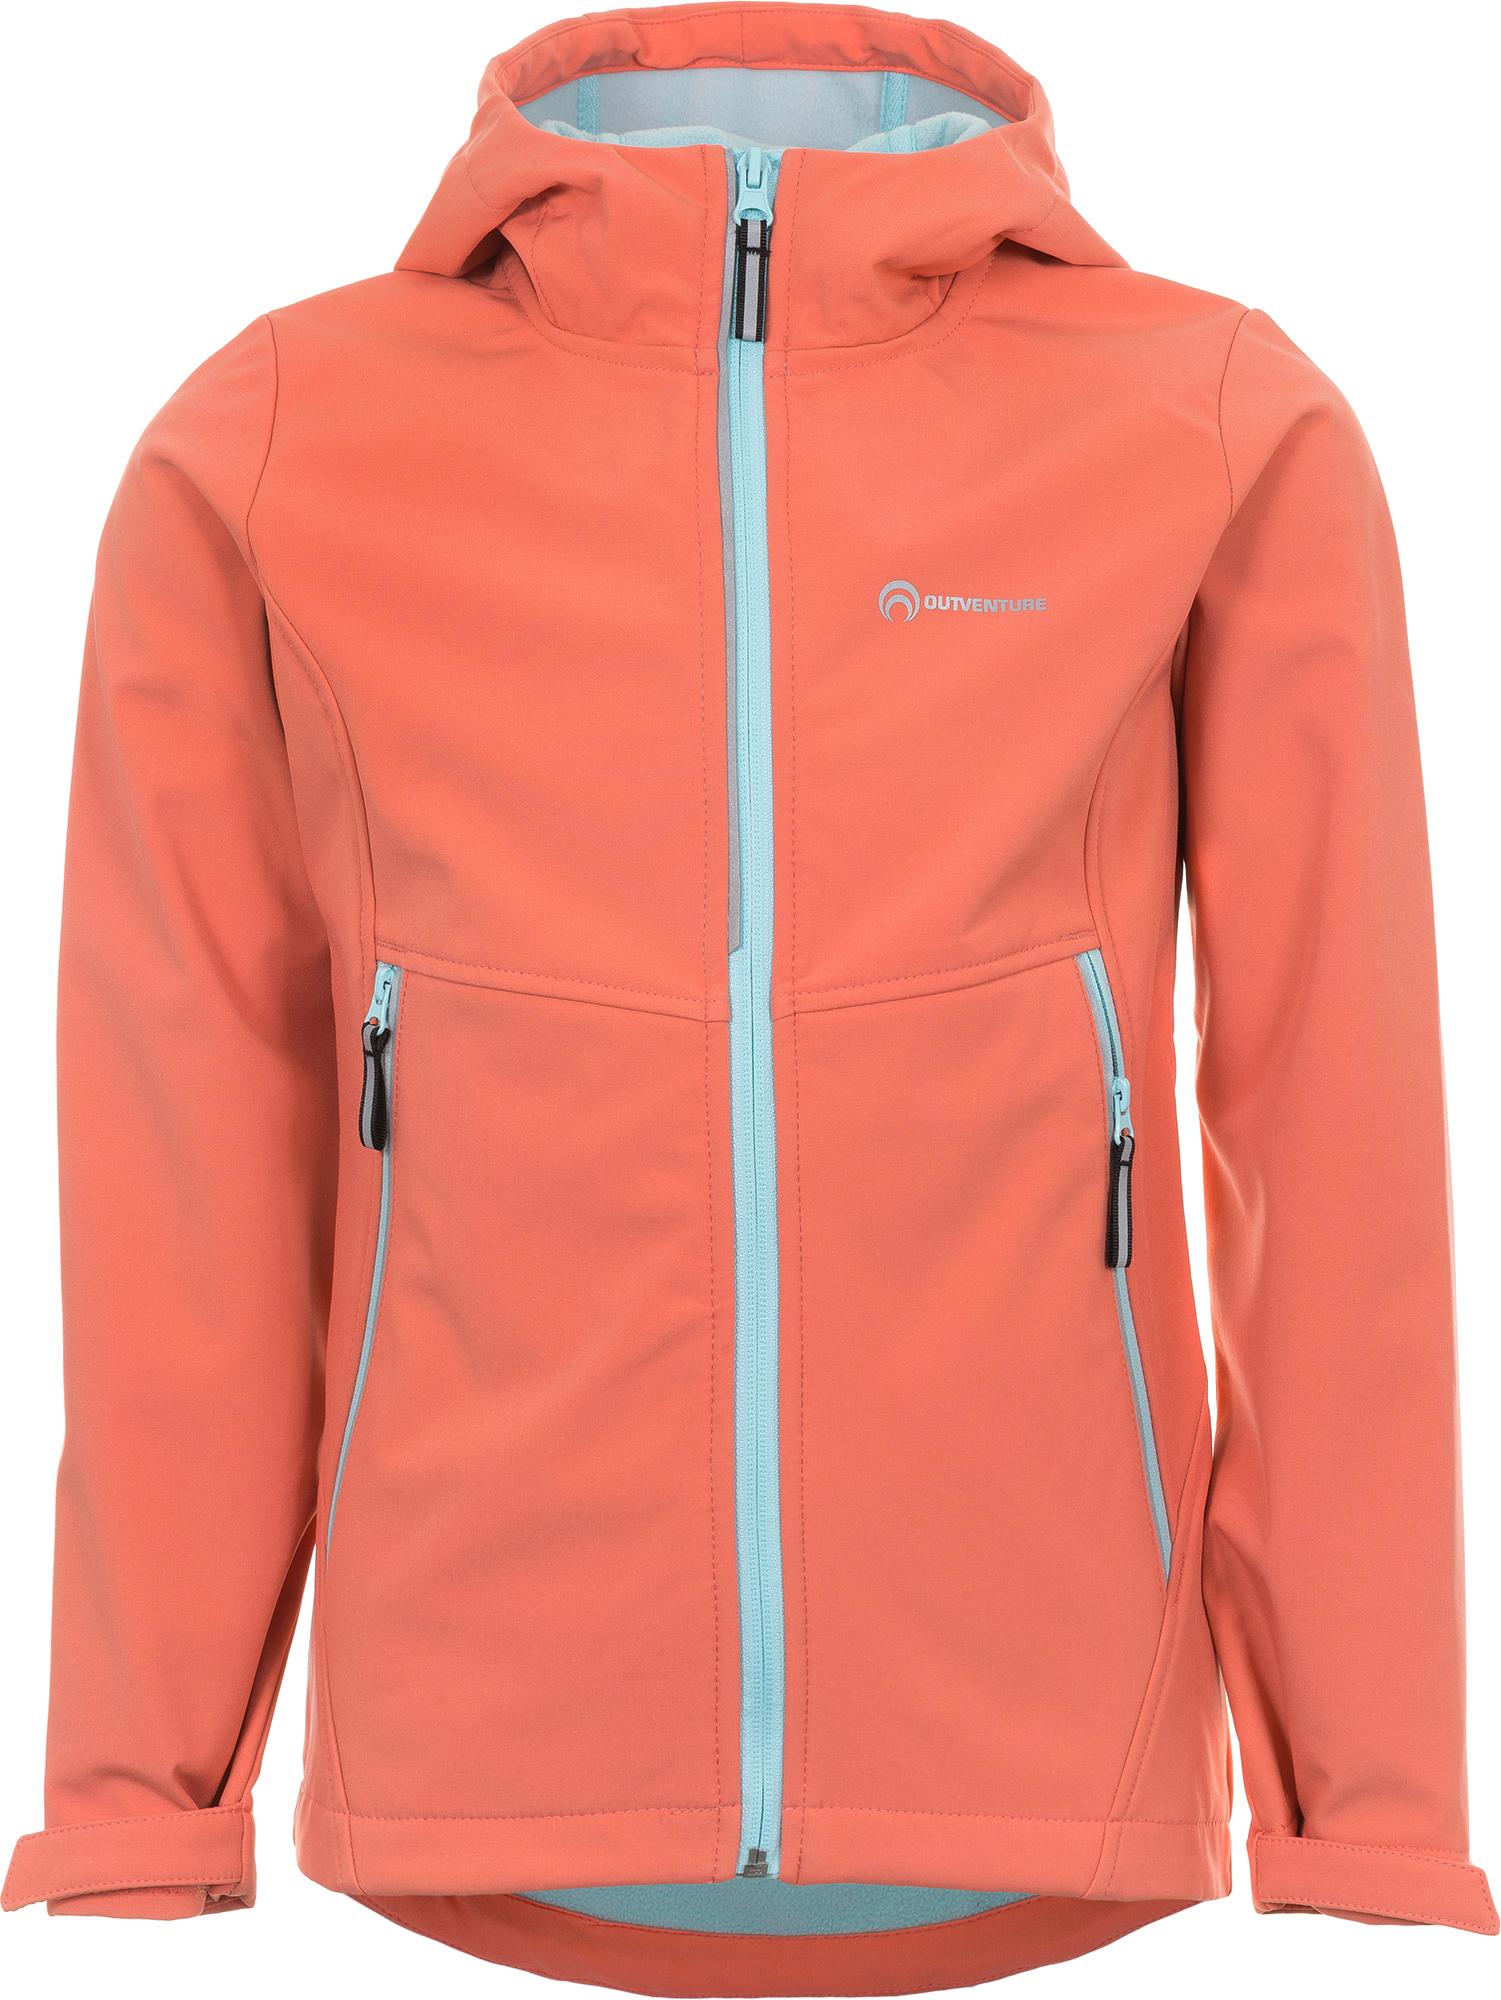 Outventure Куртка софт-шелл для девочек Outventure, размер 164